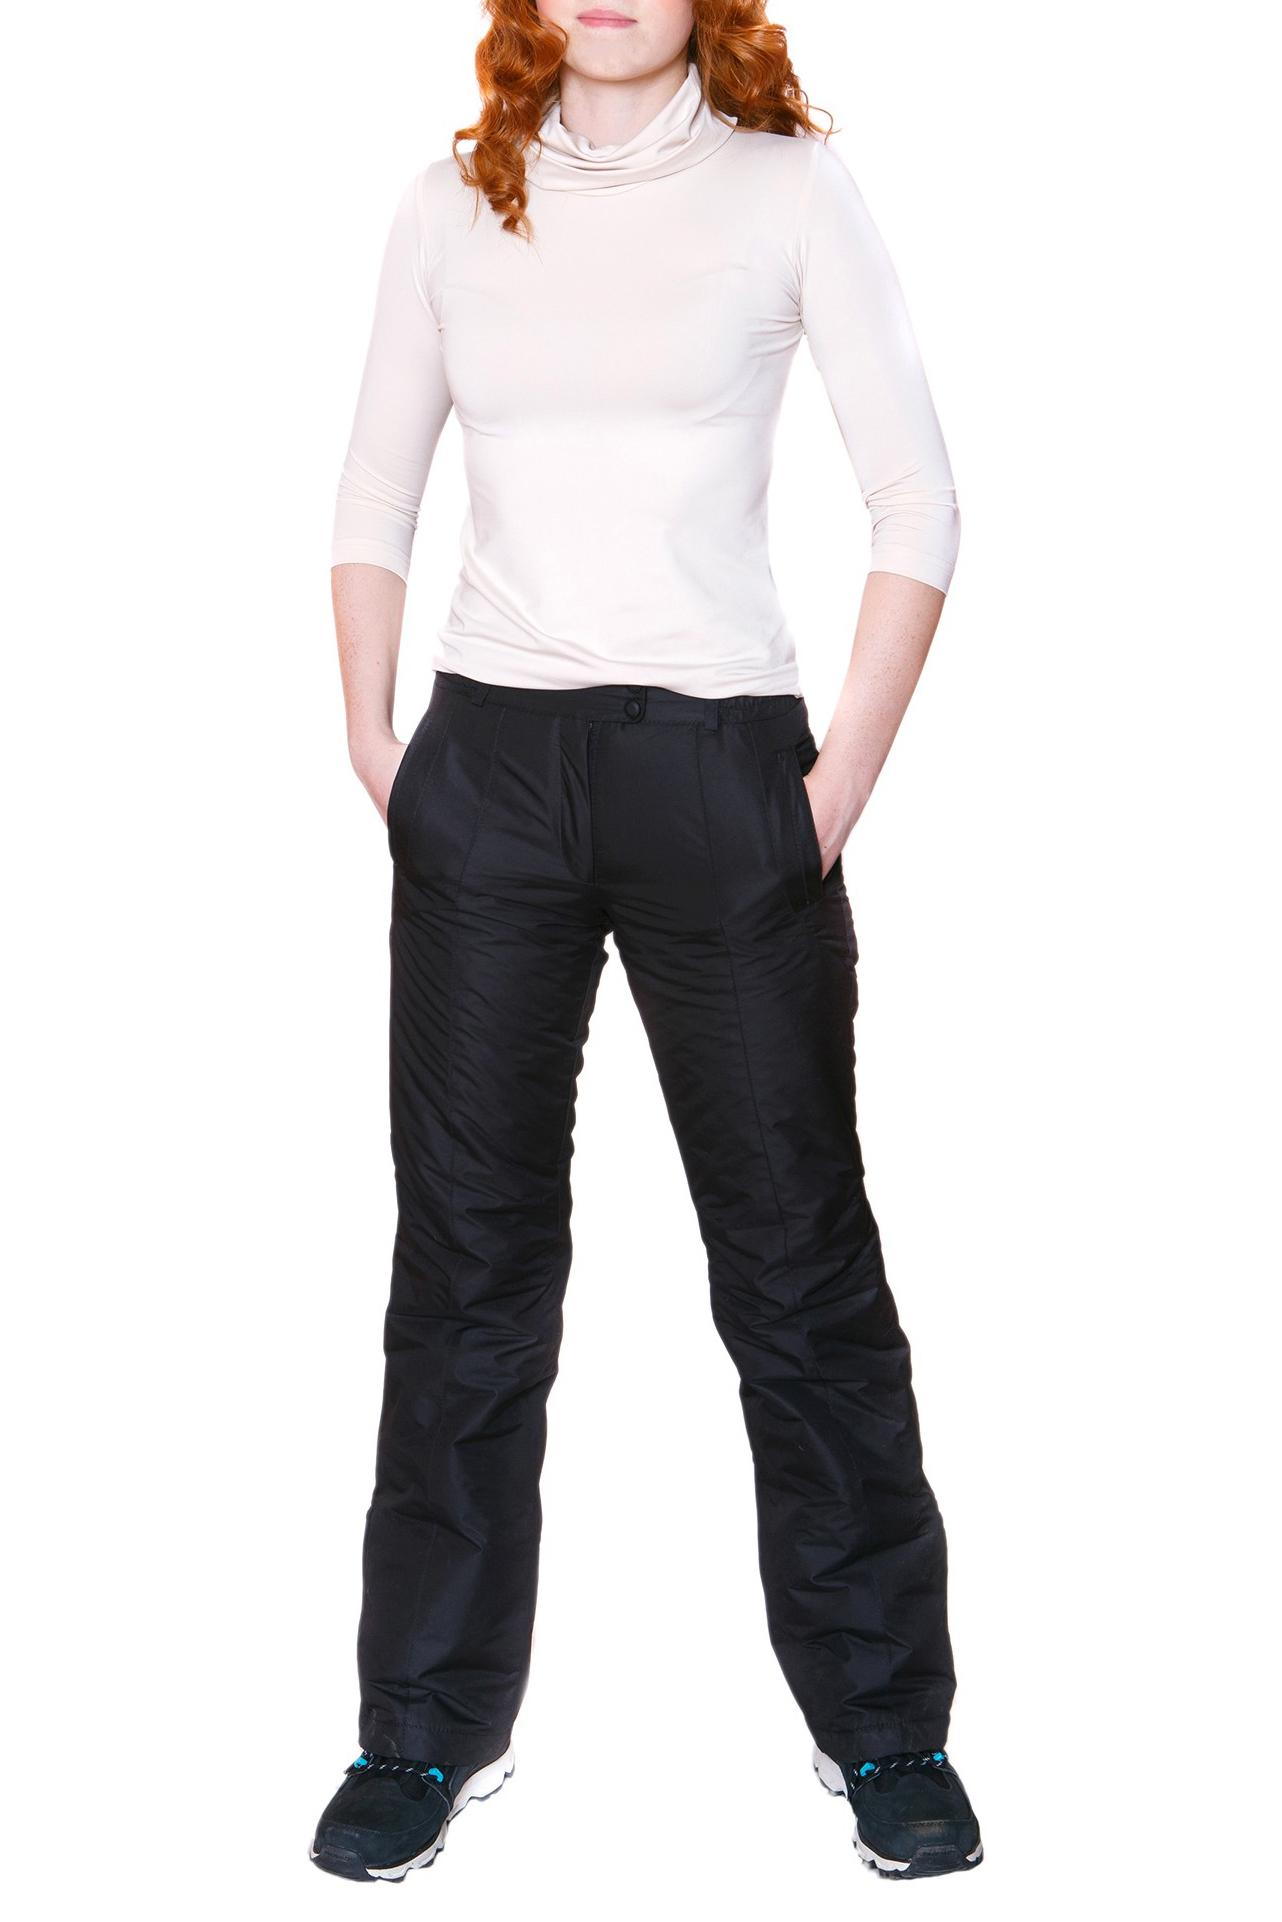 БрюкиБрюки<br>Утепленные женские брюки из непродуваемого материала. Отличный выбор для активного отдыха или повседневного гардероба.  Цвет: черный  Ростовка изделия 170 см.<br><br>По материалу: Тканевые<br>По рисунку: Однотонные<br>По силуэту: Полуприталенные<br>По стилю: Повседневный стиль<br>По элементам: С карманами<br>По сезону: Зима<br>Размер : 42,44,46,48,50,52,54<br>Материал: Мембрана<br>Количество в наличии: 12